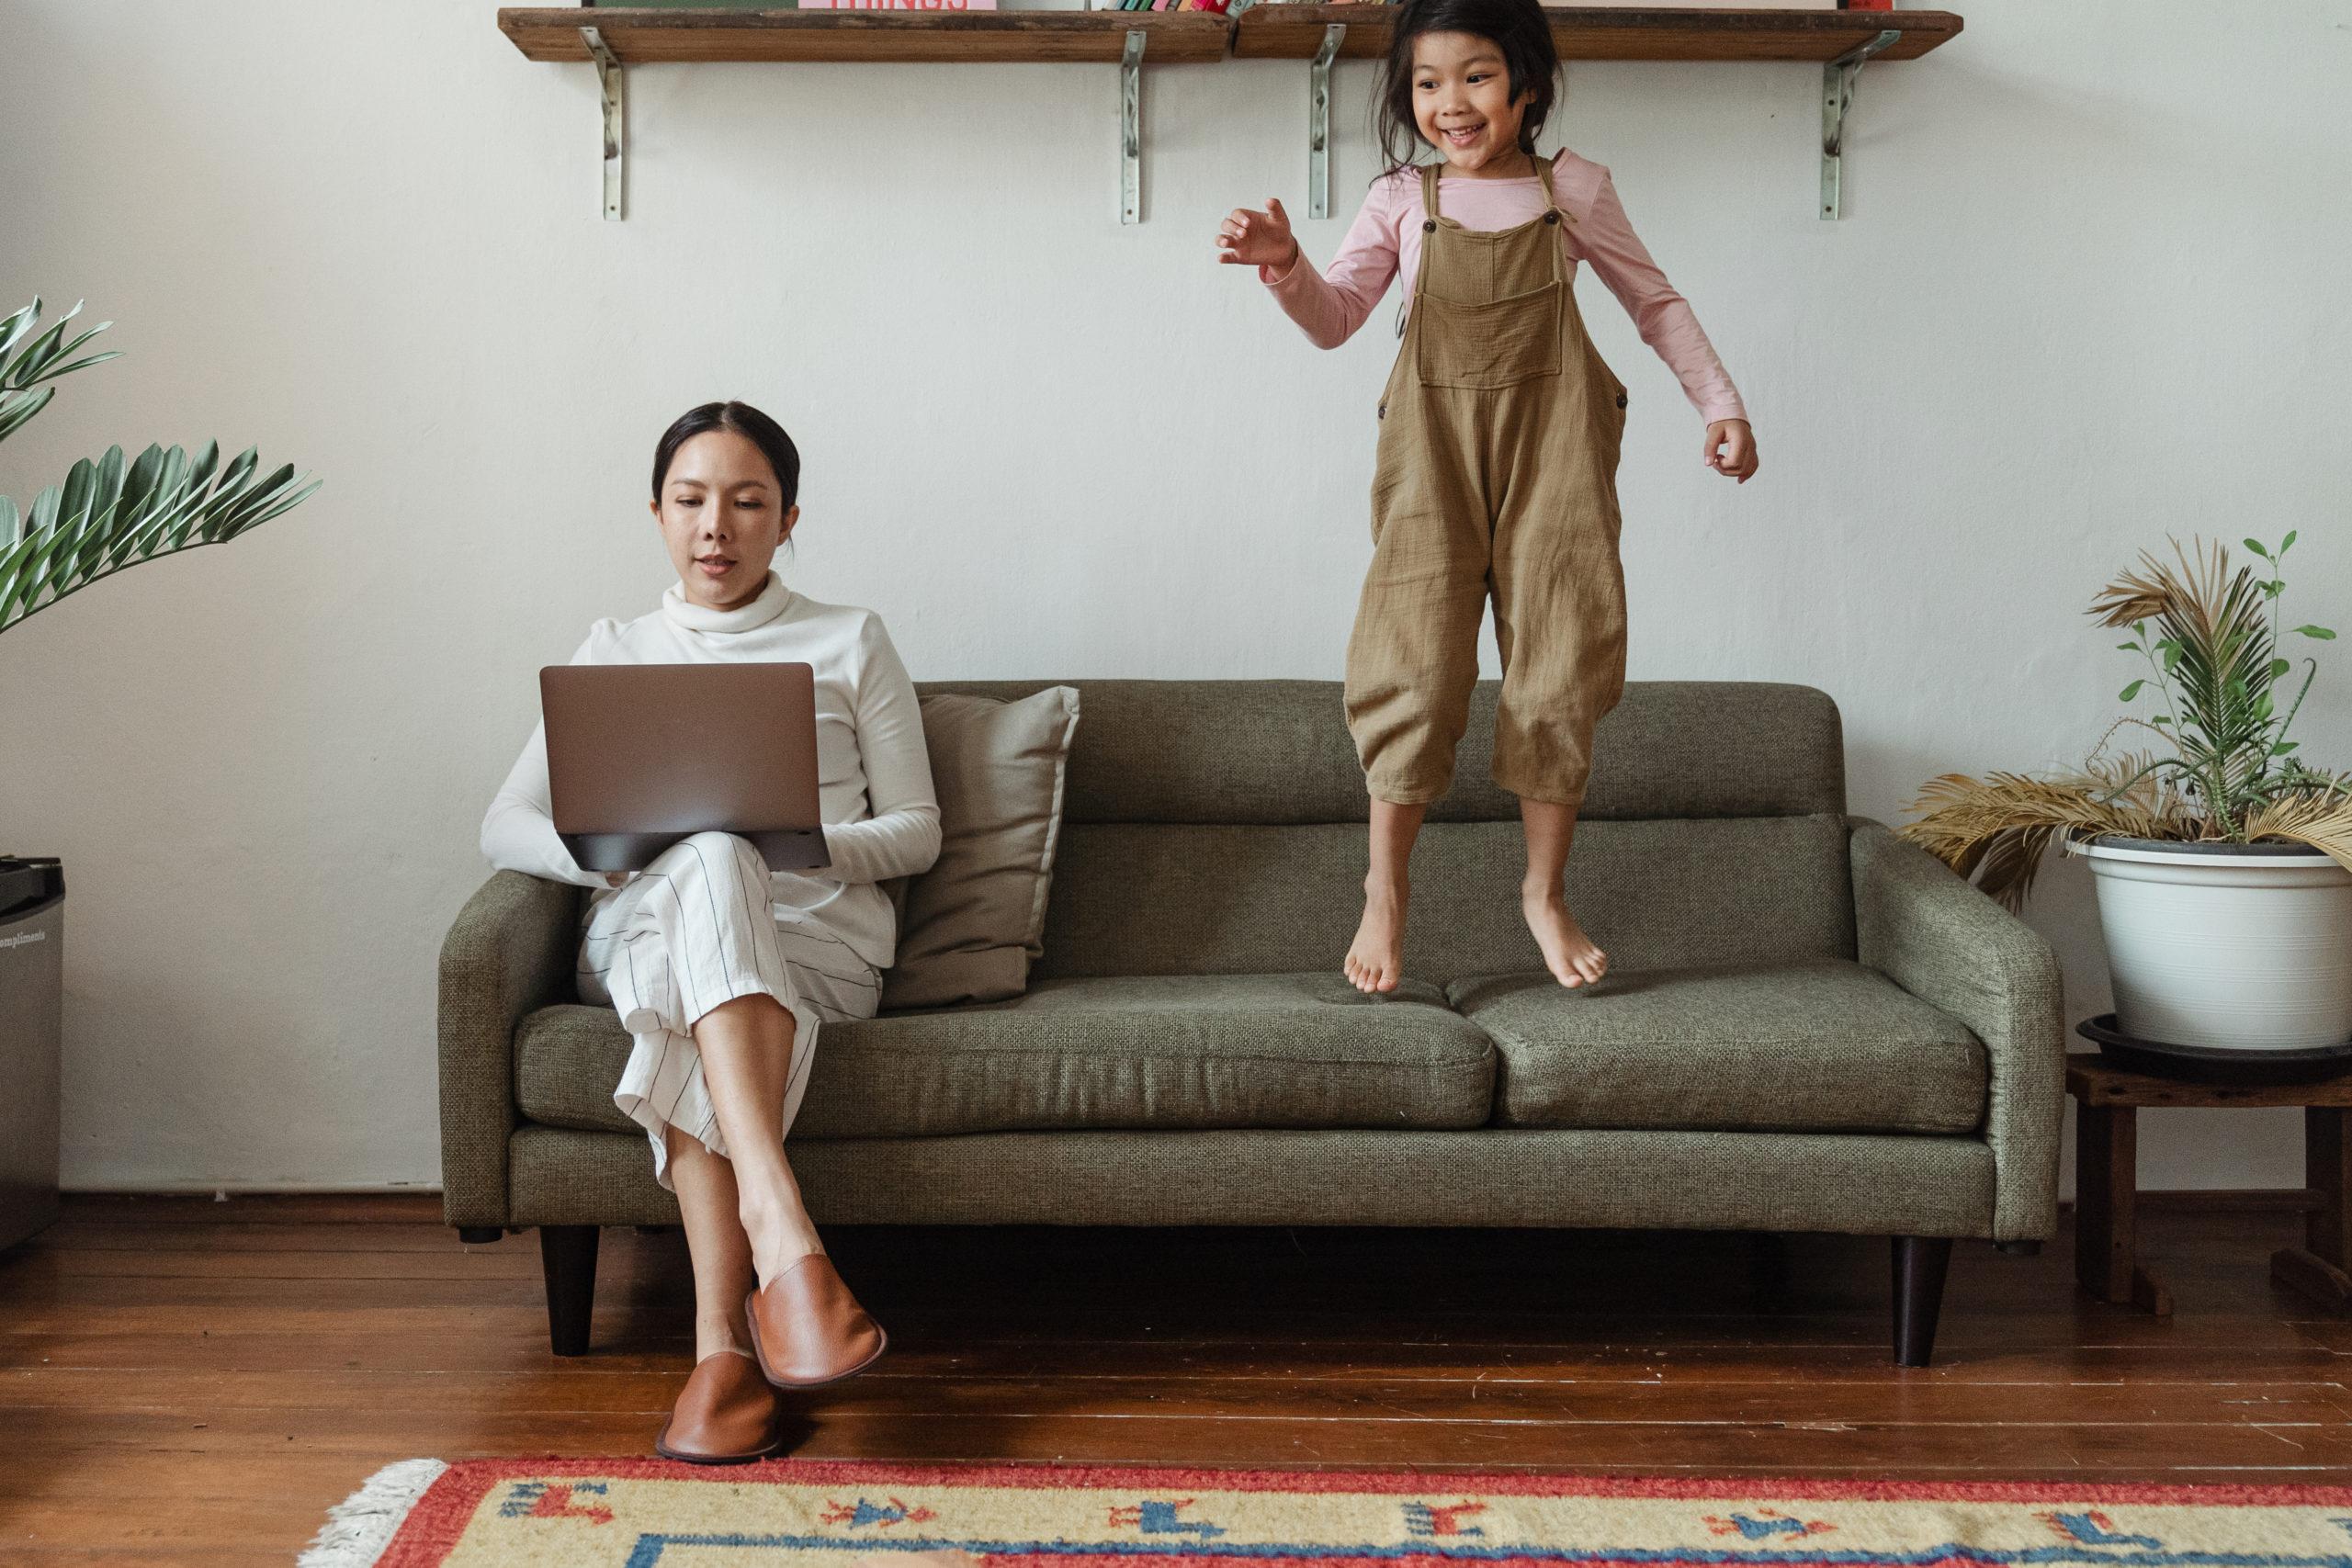 Online classes for parents